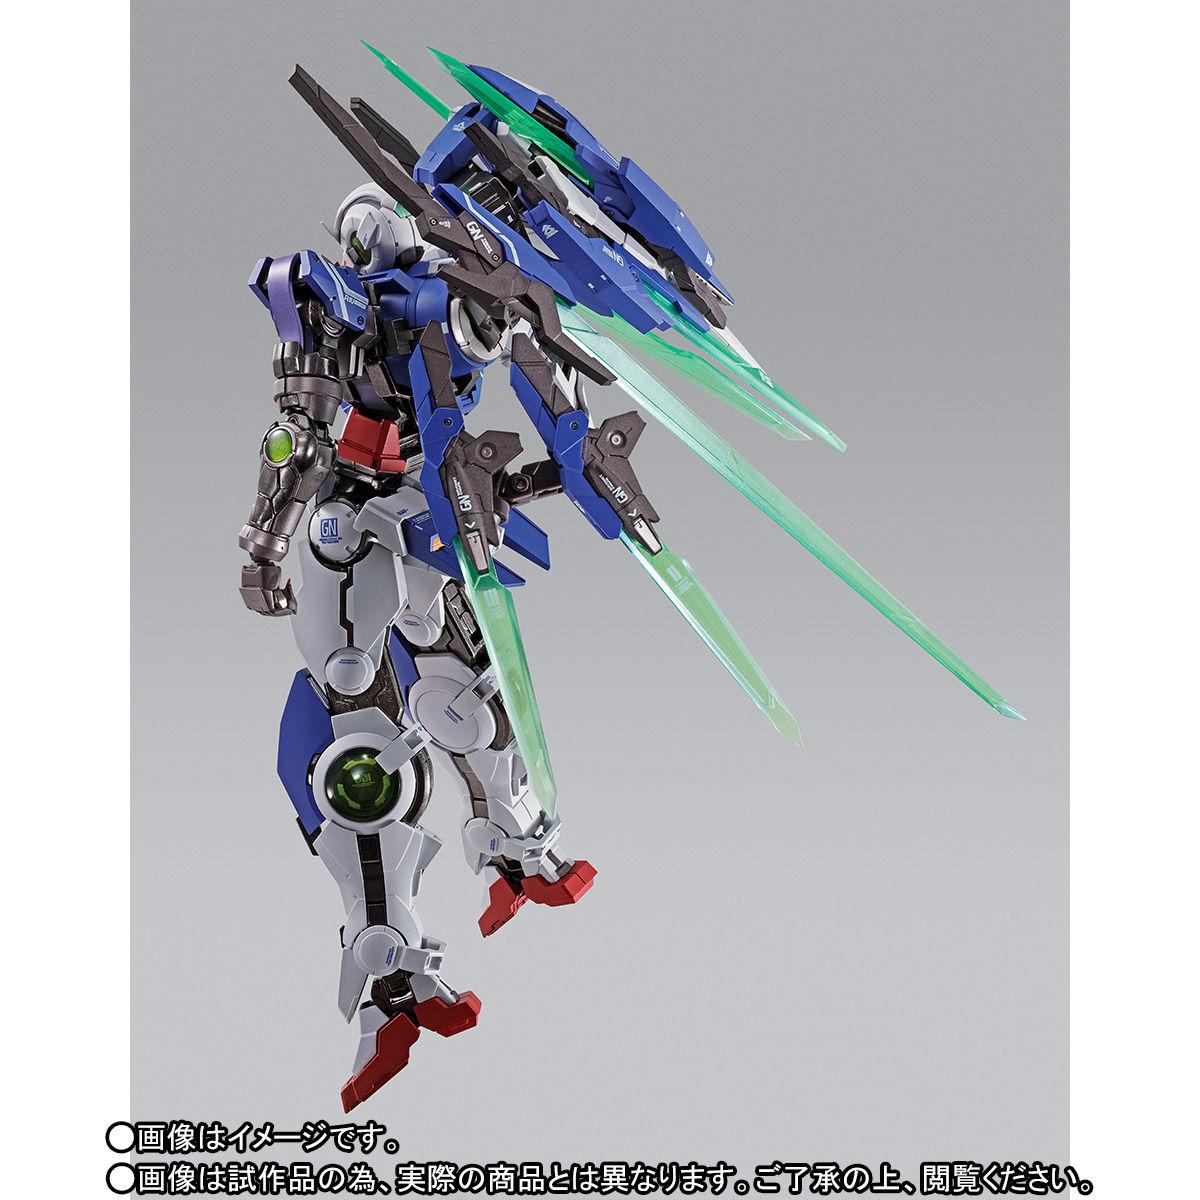 METAL BUILD『ガンダムエクシアリペアIV』機動戦士ガンダム00 可動フィギュア-004